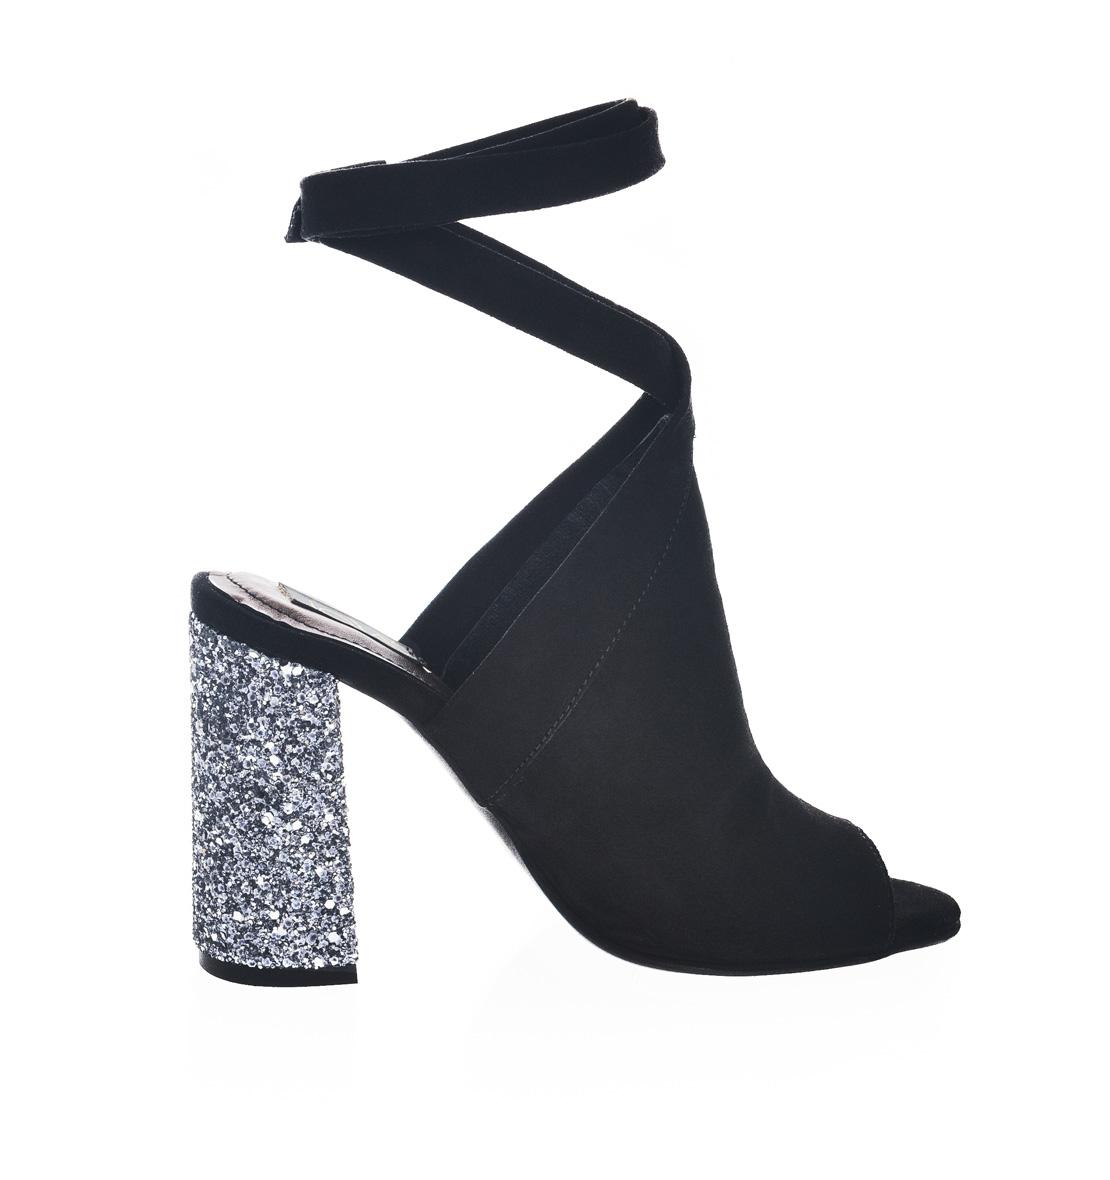 cumpărare acum vânzare la cald online Ordin Sandale negre piele intoarsa toc glitter